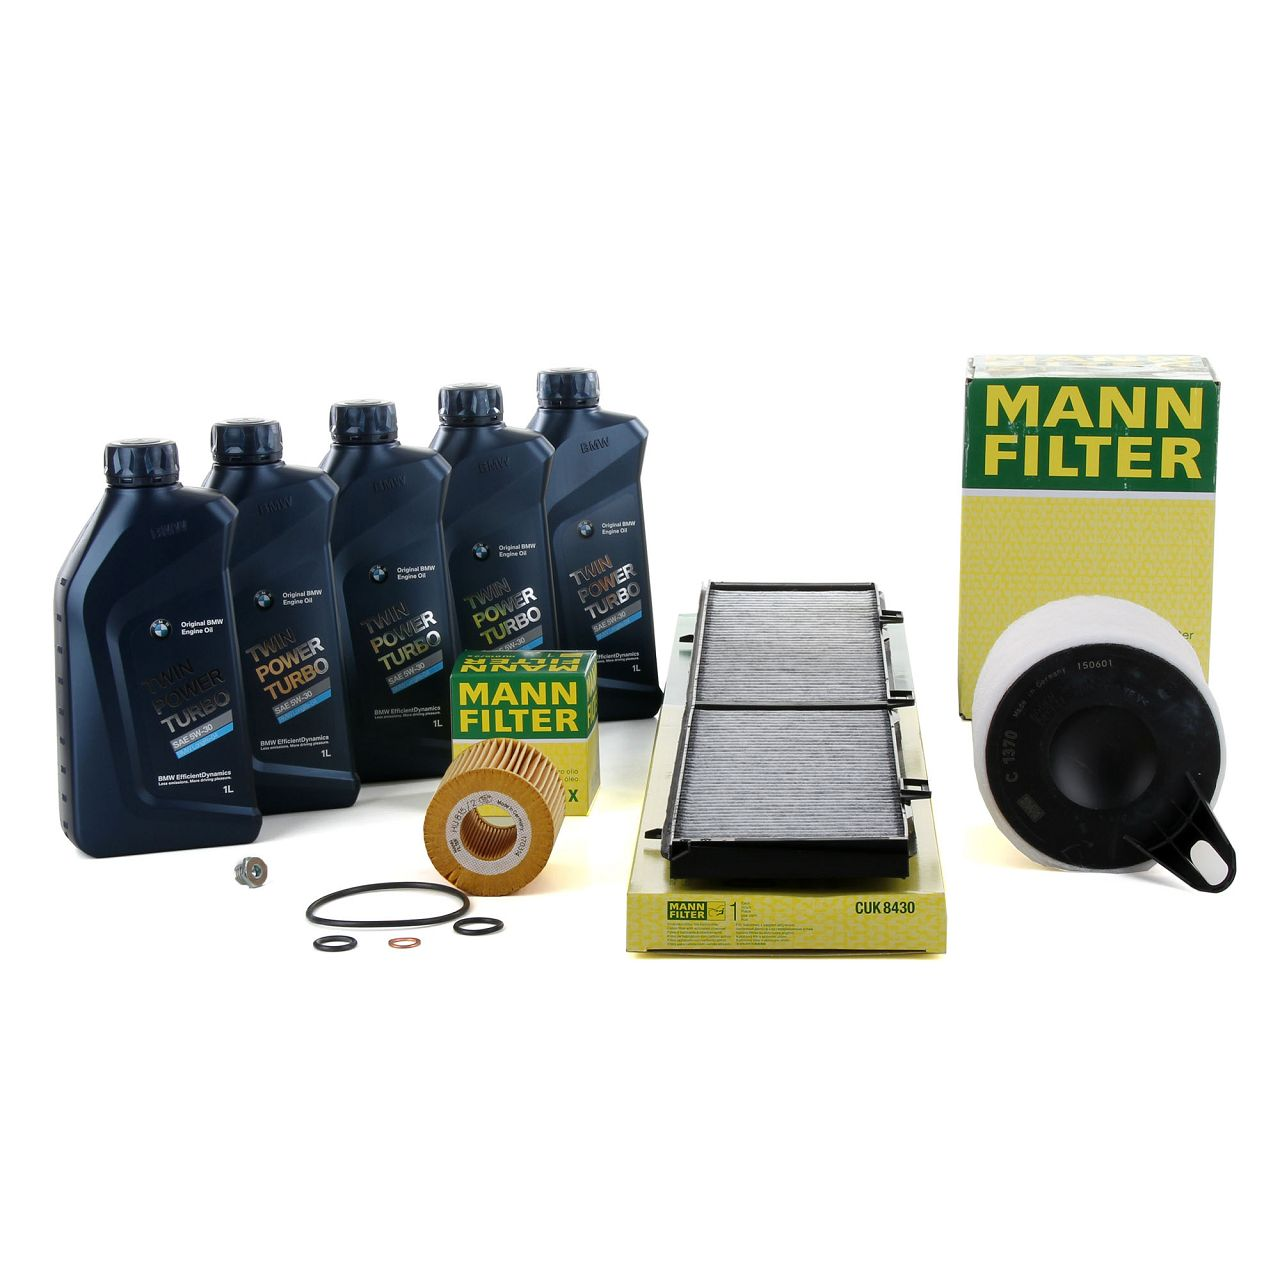 MANN Inspektionskit + 5 L ORIGINAL für BMW 5W30 Motoröl E81 E87 116i E90-92 316i